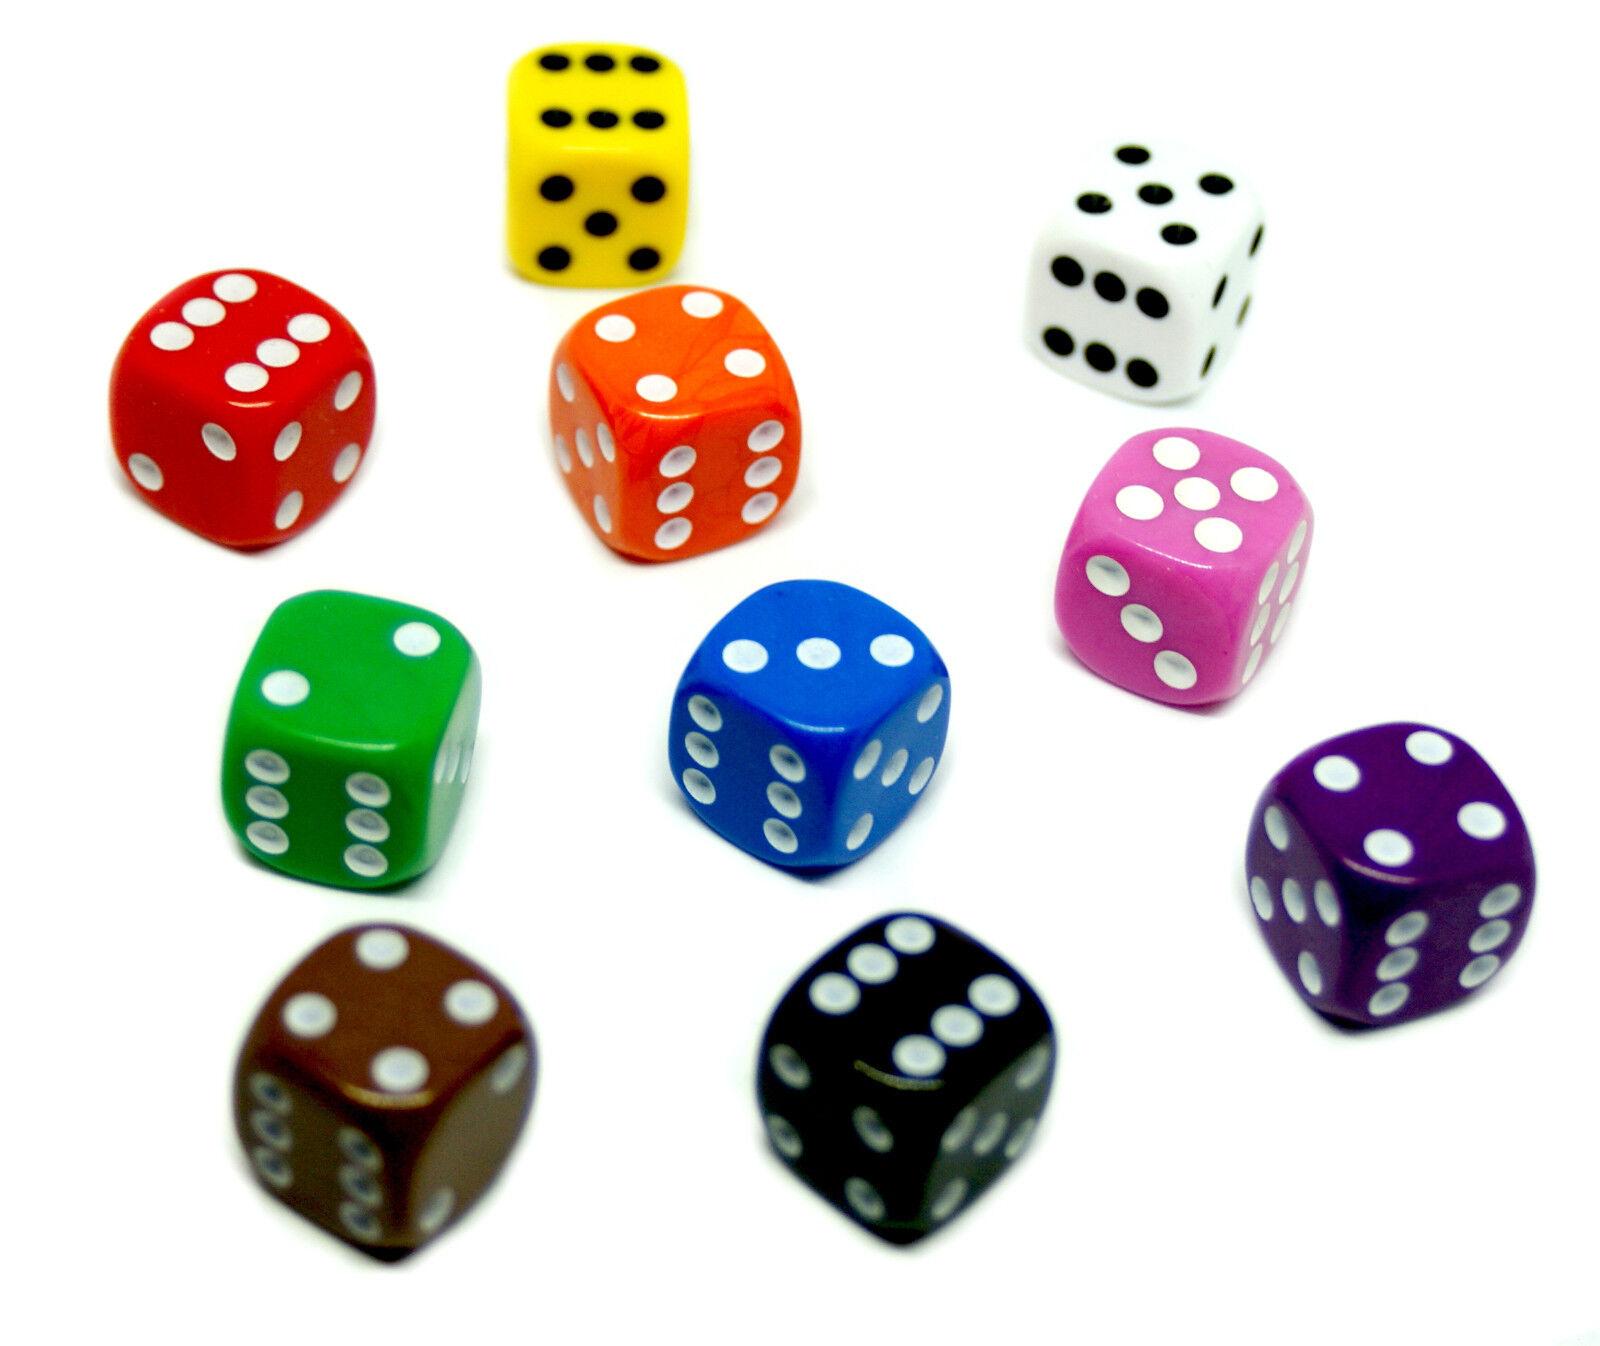 W6 Würfel/Dice/15-16mm verschiedene Farben Grün,Rot,Orange,Gelb,Weiß,Rosa,Lila